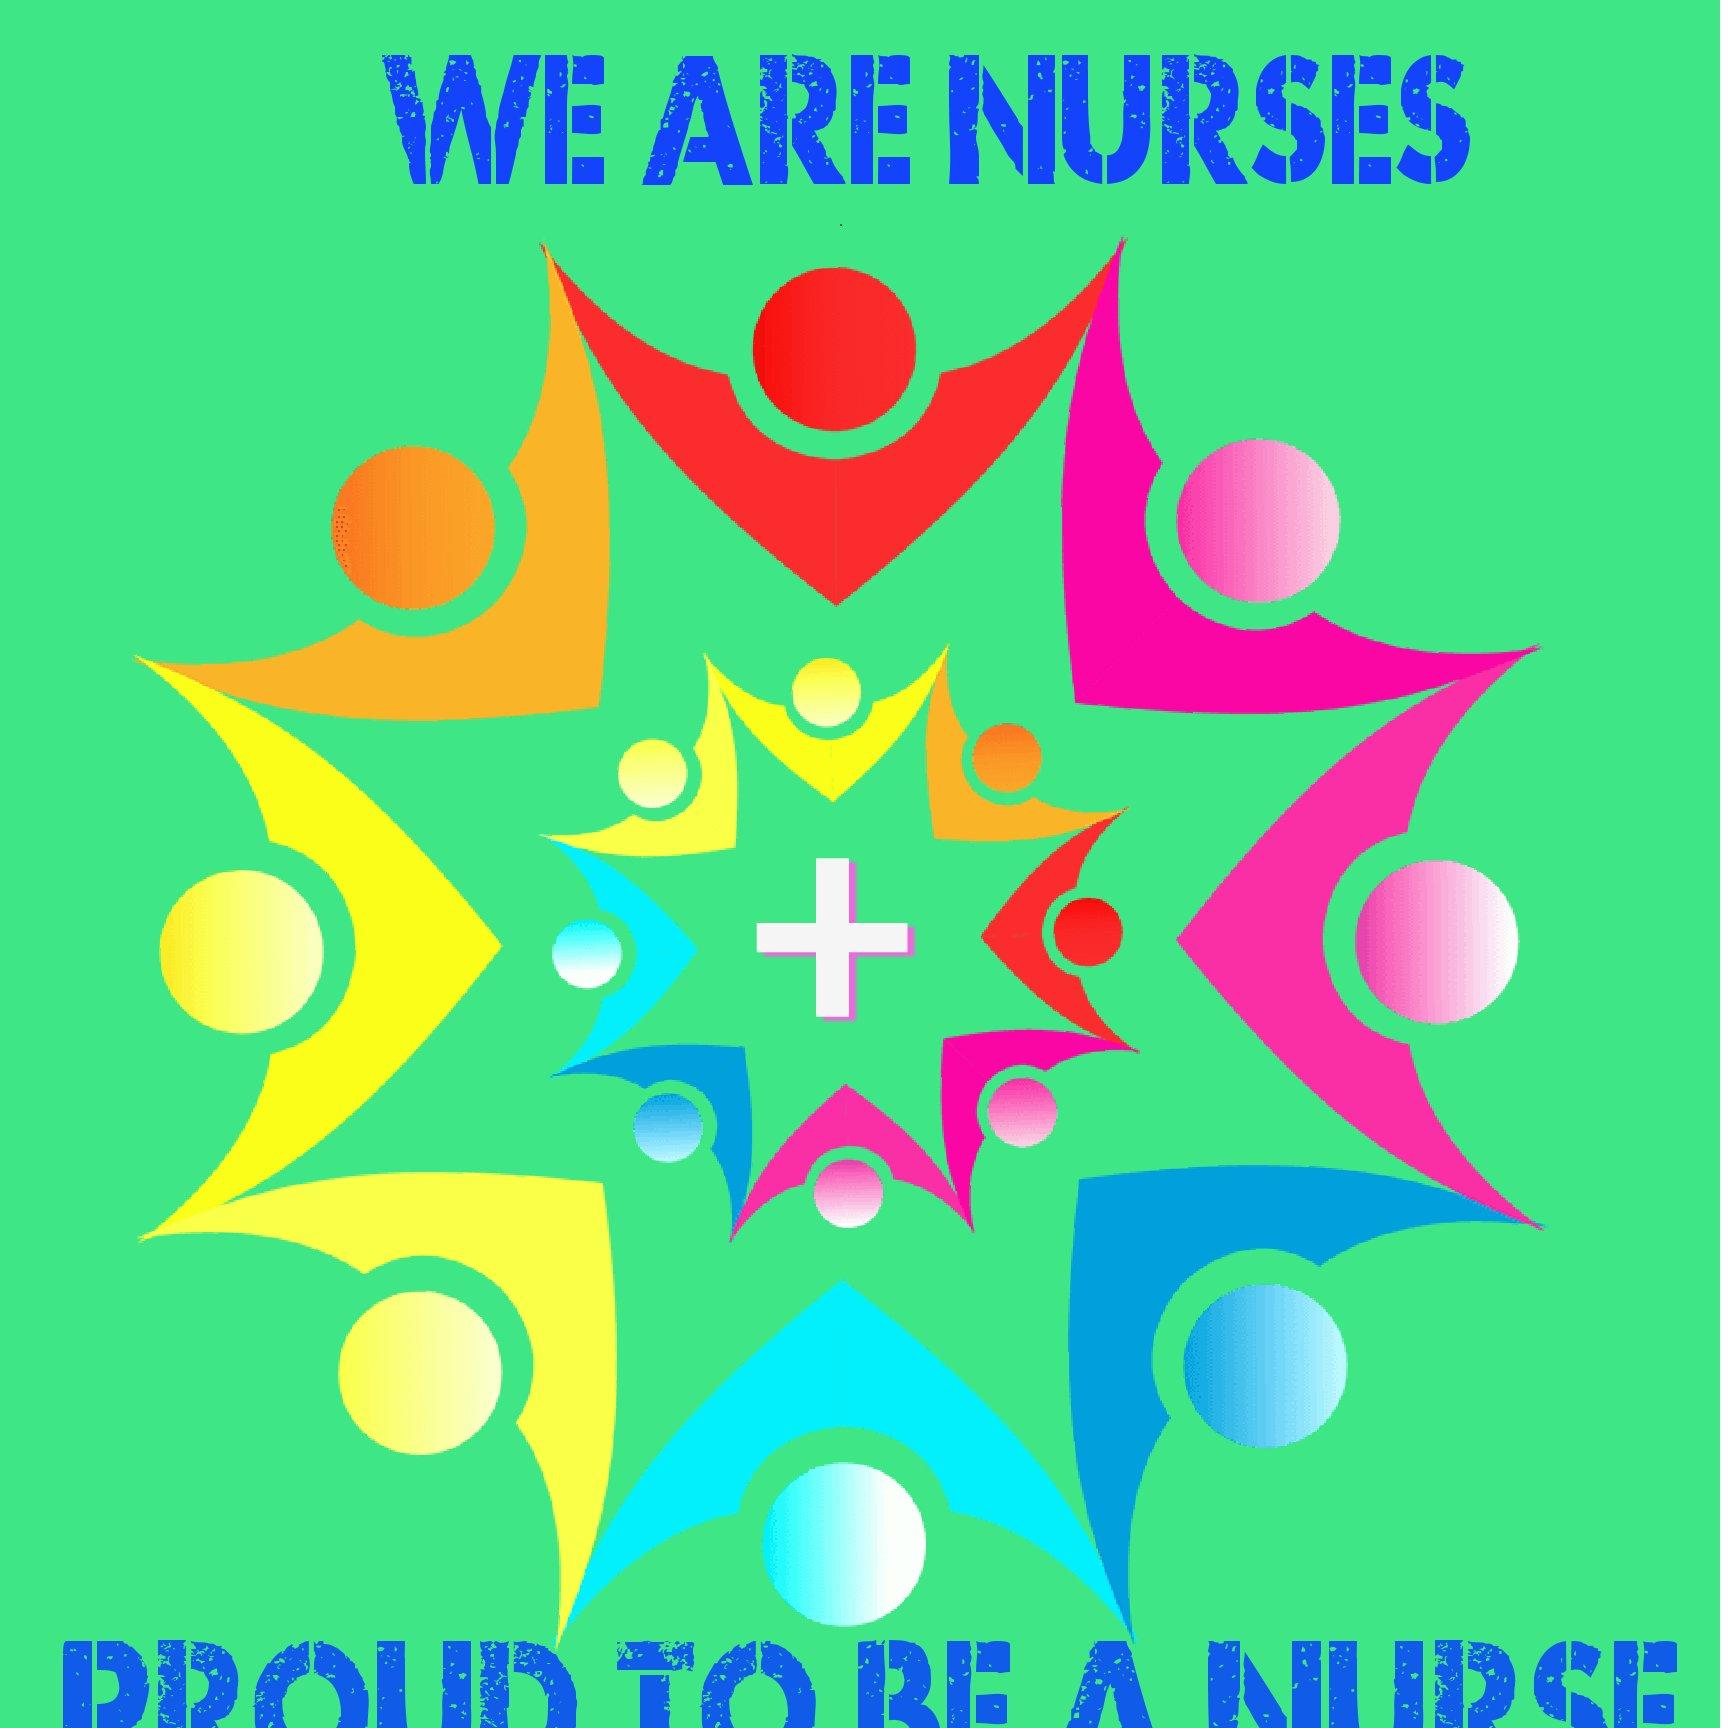 We Are Nurses